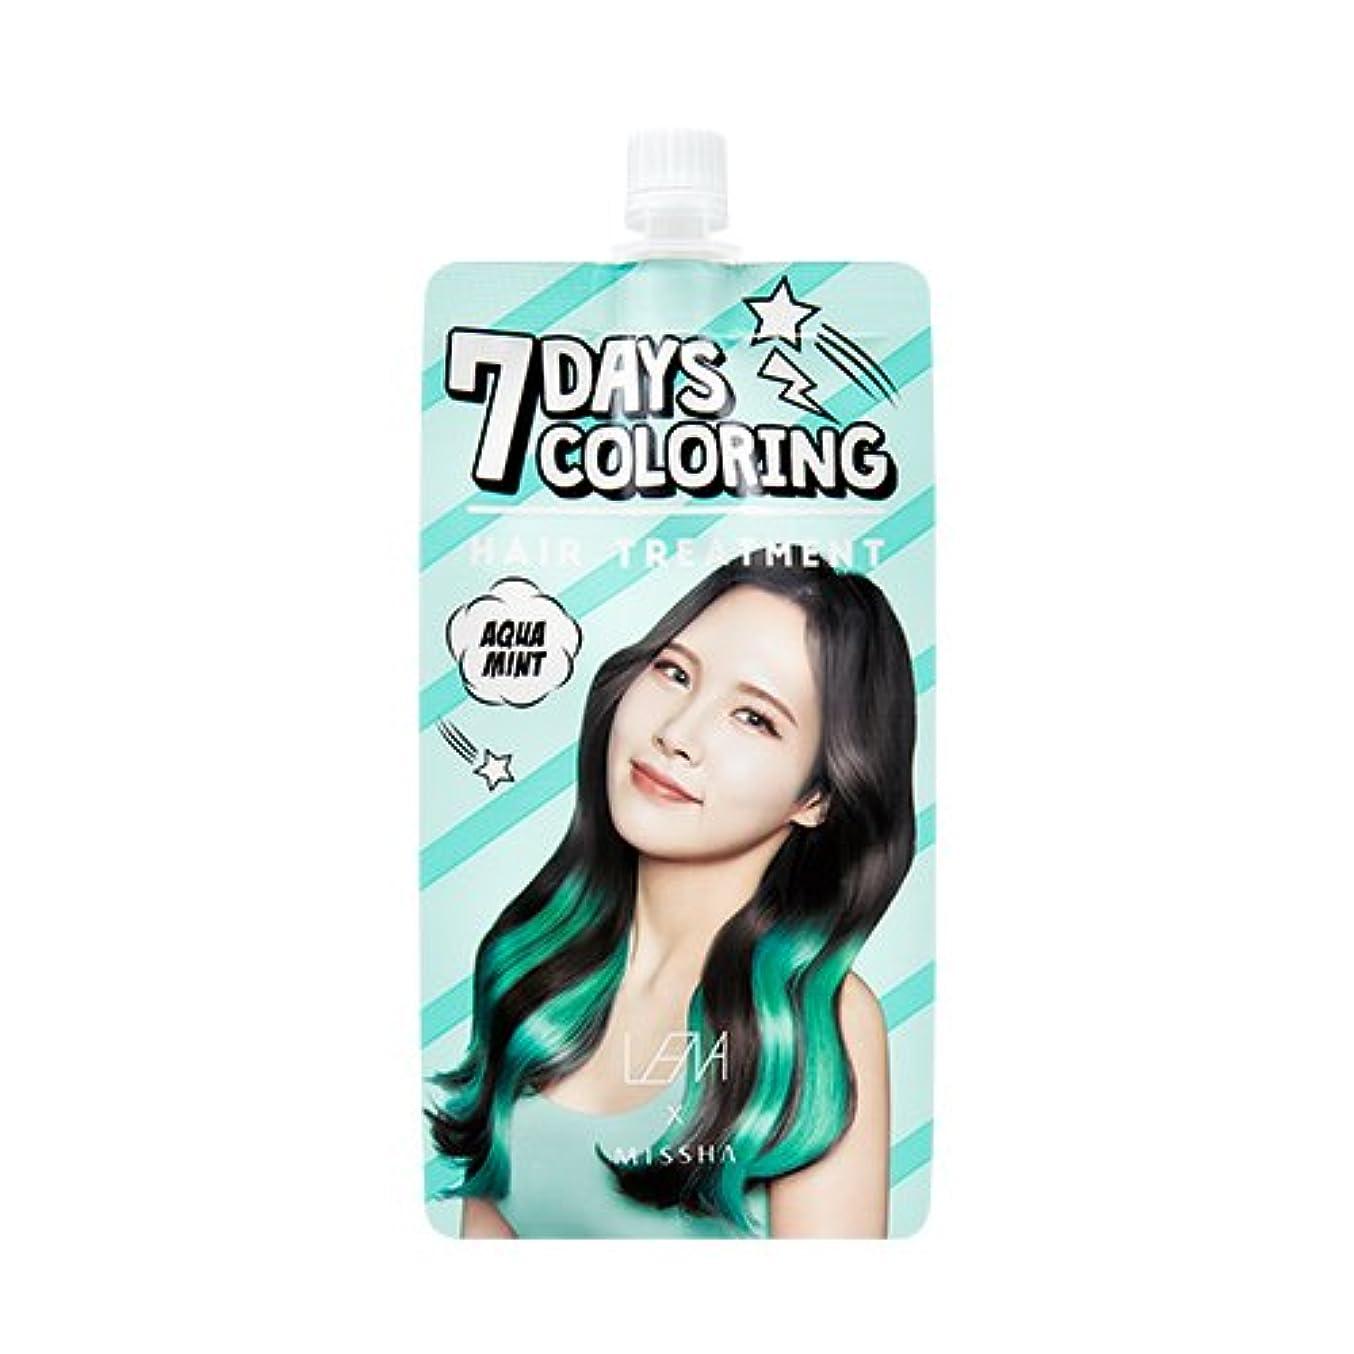 仕事に行く冷淡なダースMISSHA Seven Days Coloring Hair Treatment #Aquamint -LENA Edition /ミシャ セブンデイズカラーリングヘアトリートメント - レナエディション (アクアミント...